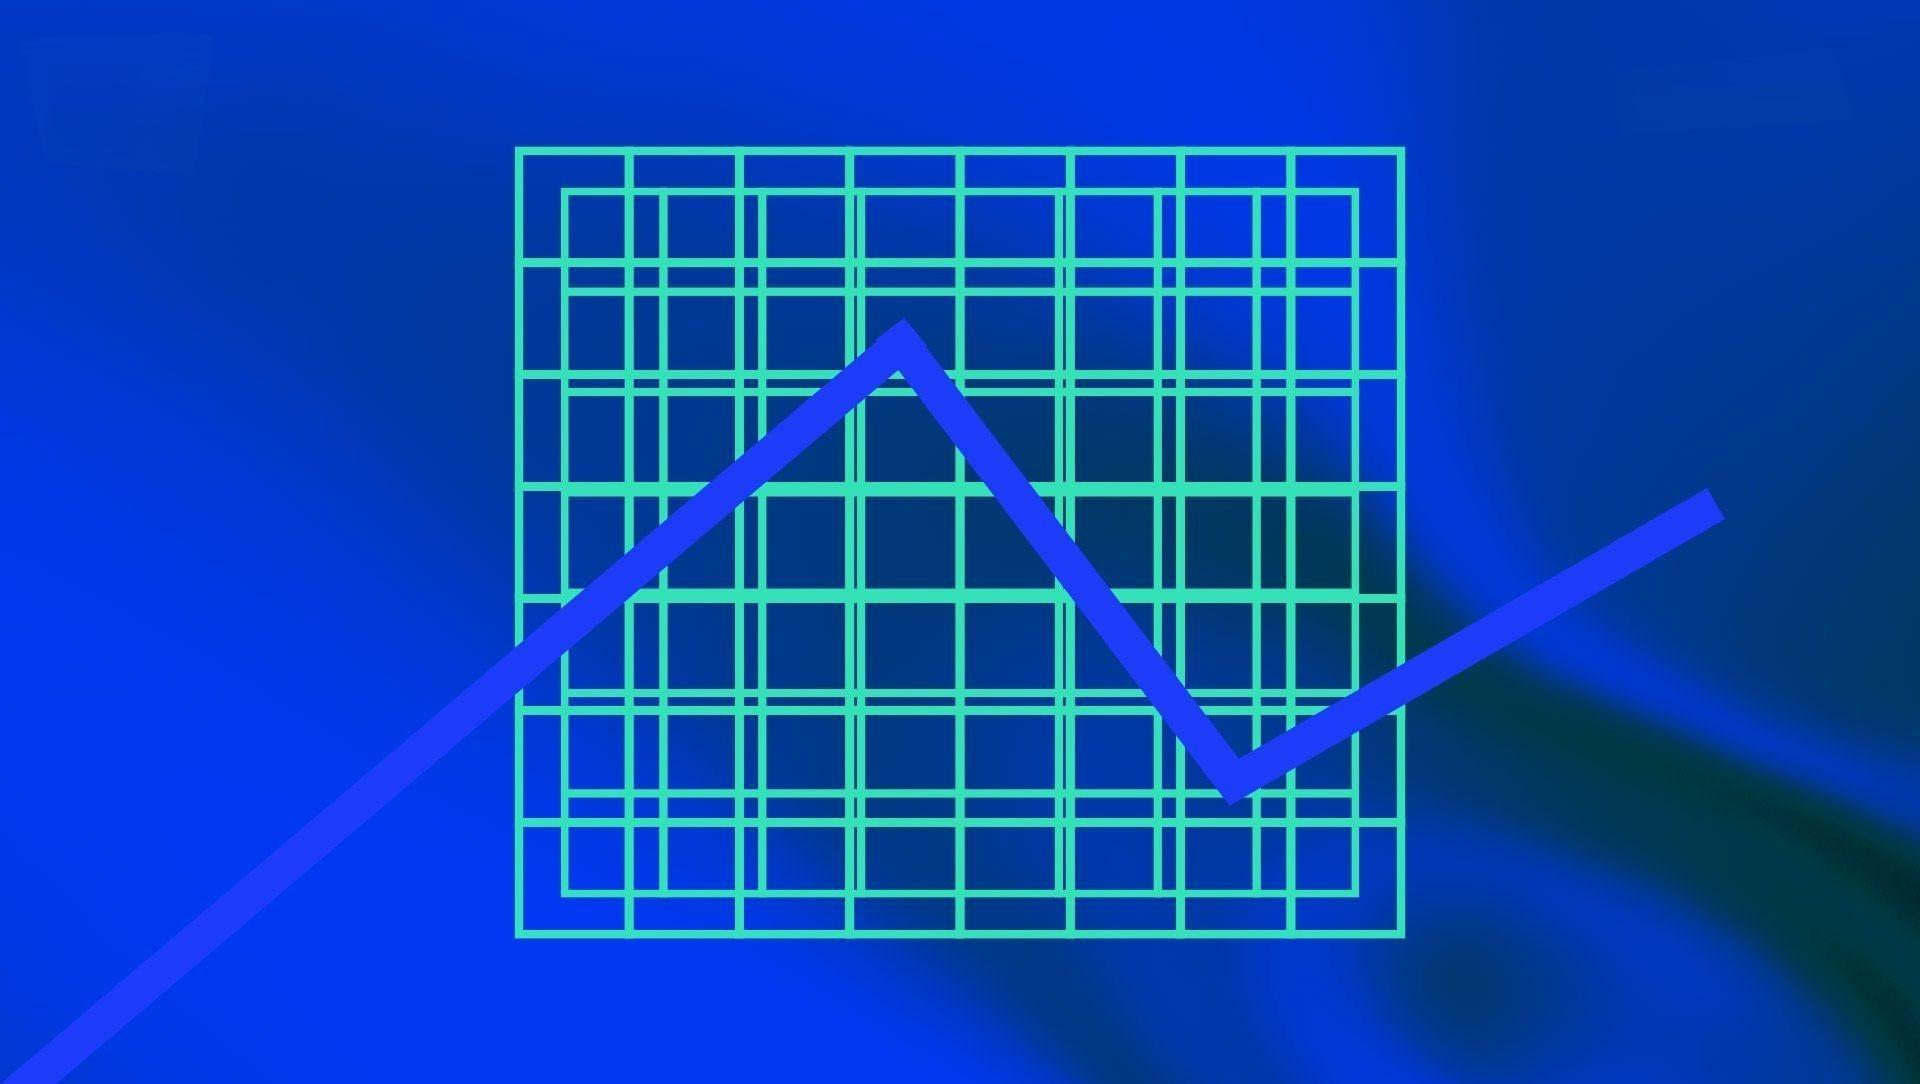 Vốn hóa thị trường crypto vượt mốc 2.600 tỷ USD, thiết lập kỷ lục mới